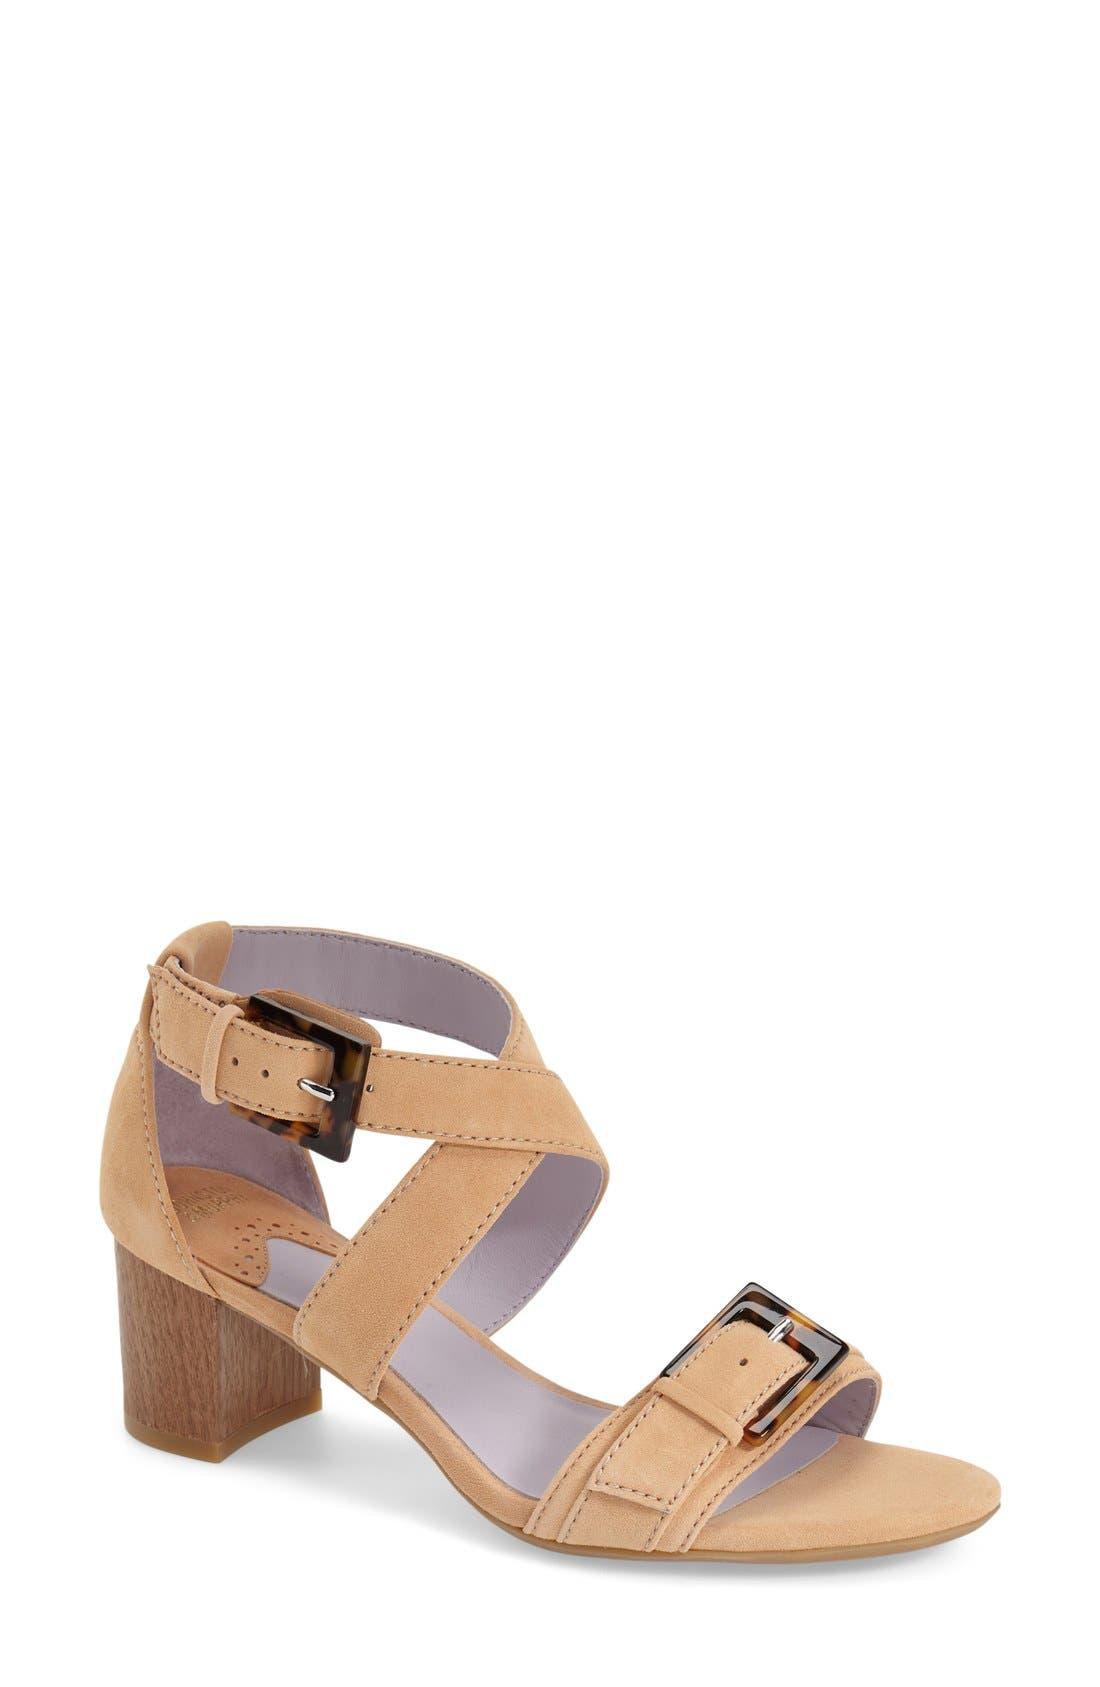 Main Image - Johnston & Murphy 'Katarina' Block Heel Sandal (Women)